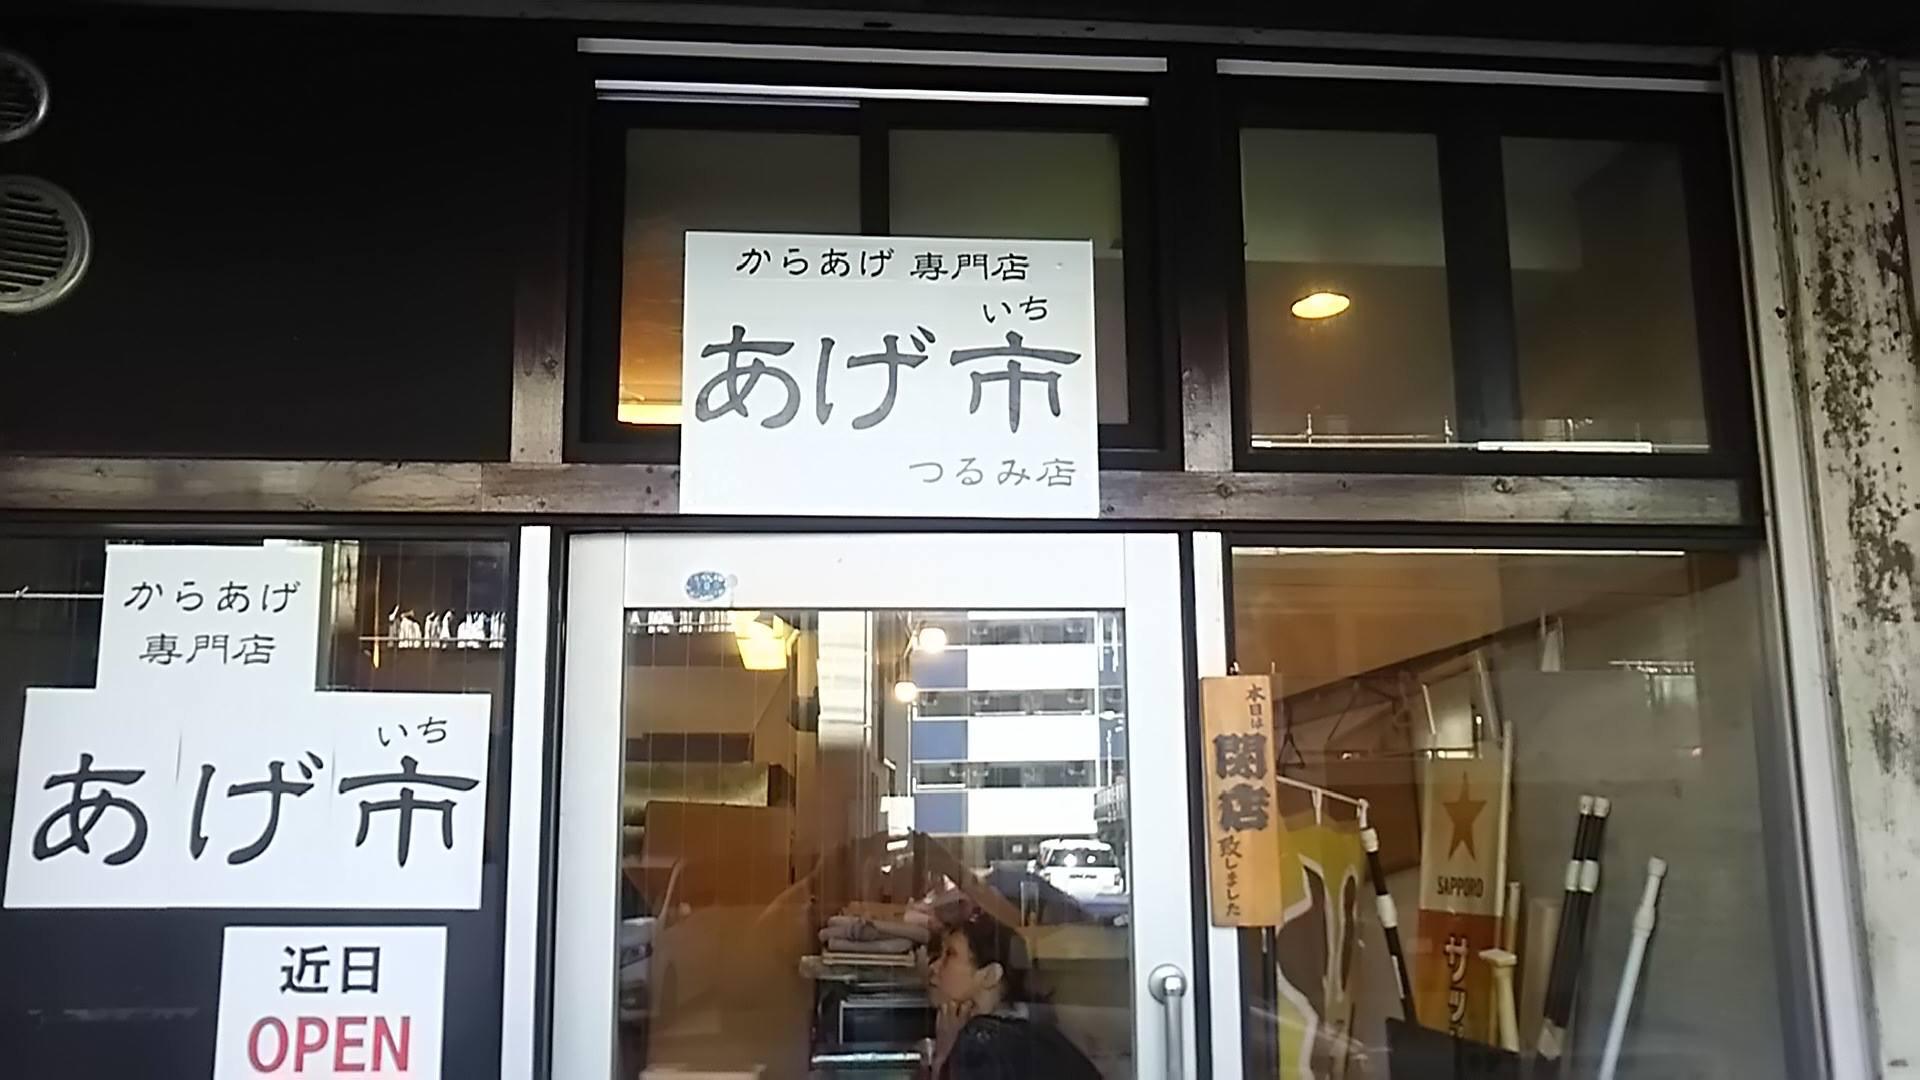 あげ市鶴見店(オープン)